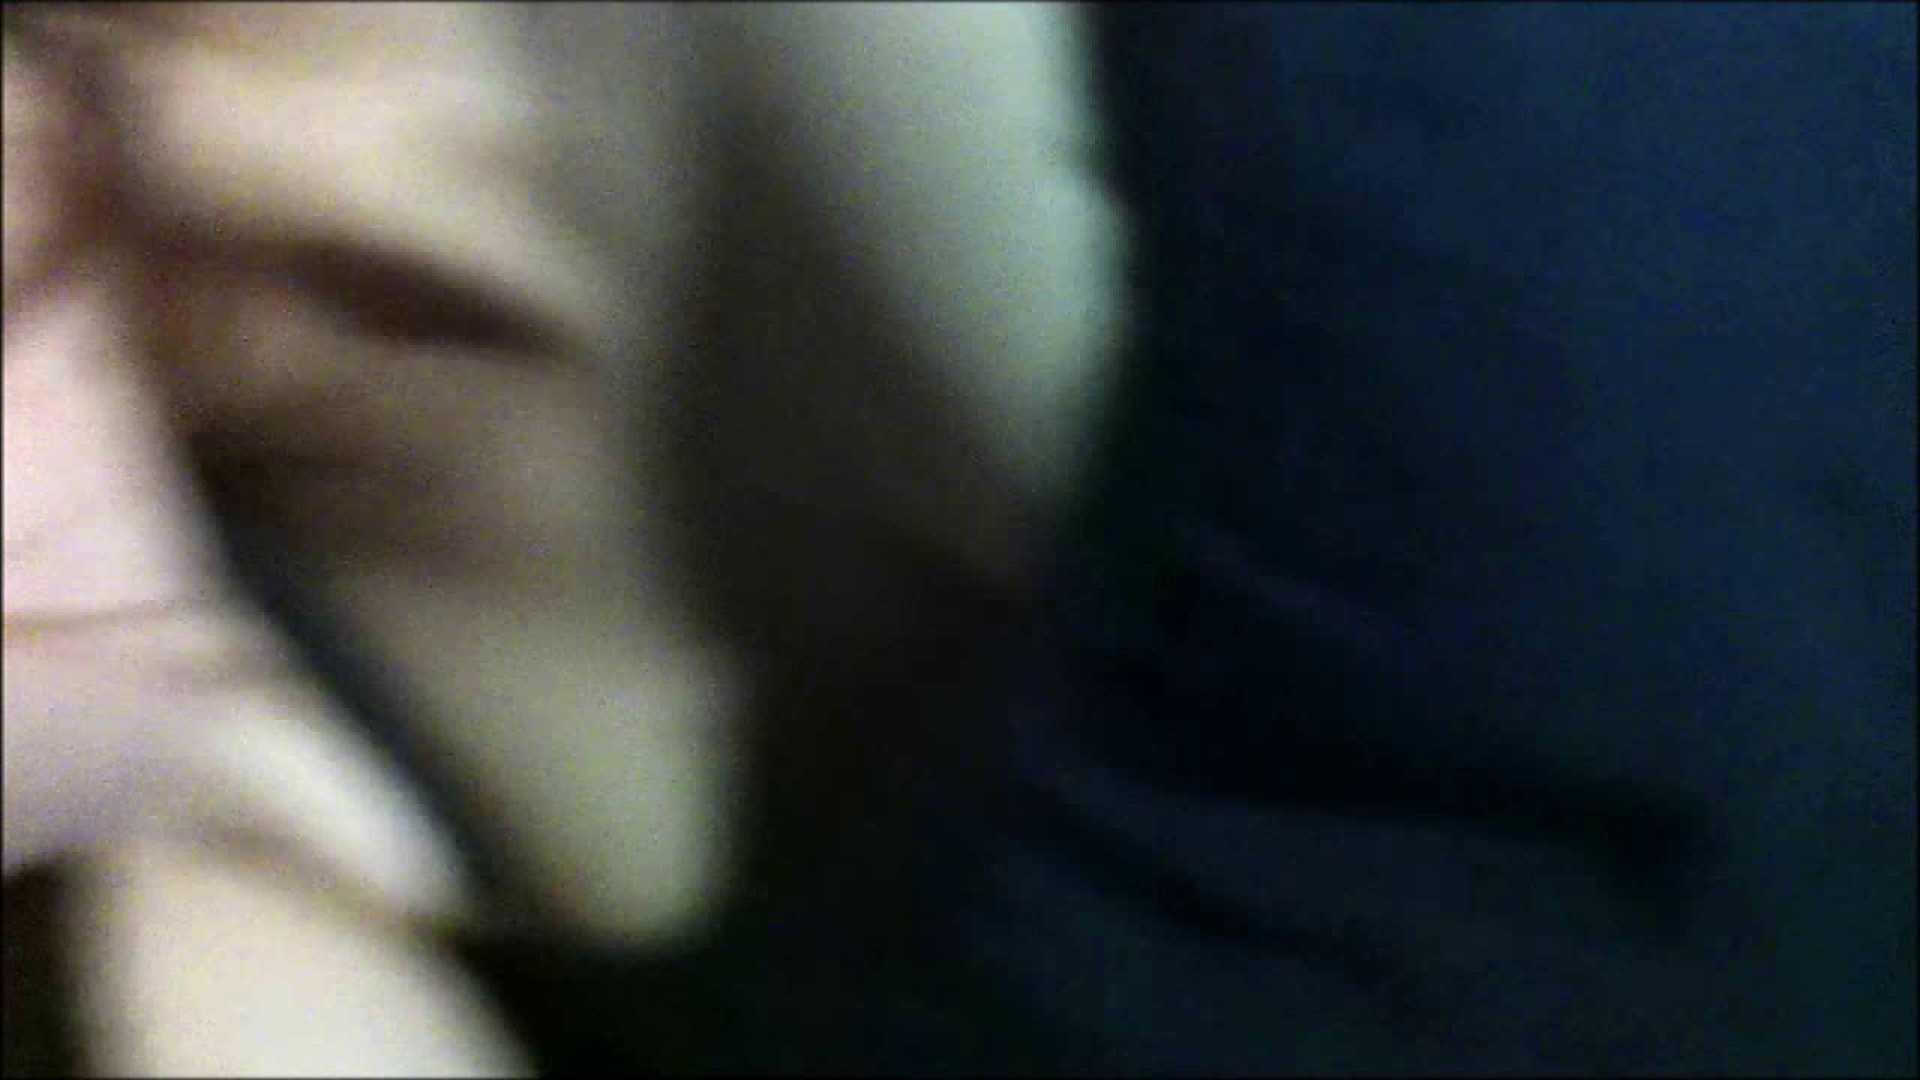 vol.4 【Kちゃん(2回目)】A◯ULの店員20歳 薄着で挑発的 ギャルの実態 盗み撮りSEX無修正画像 105pic 99